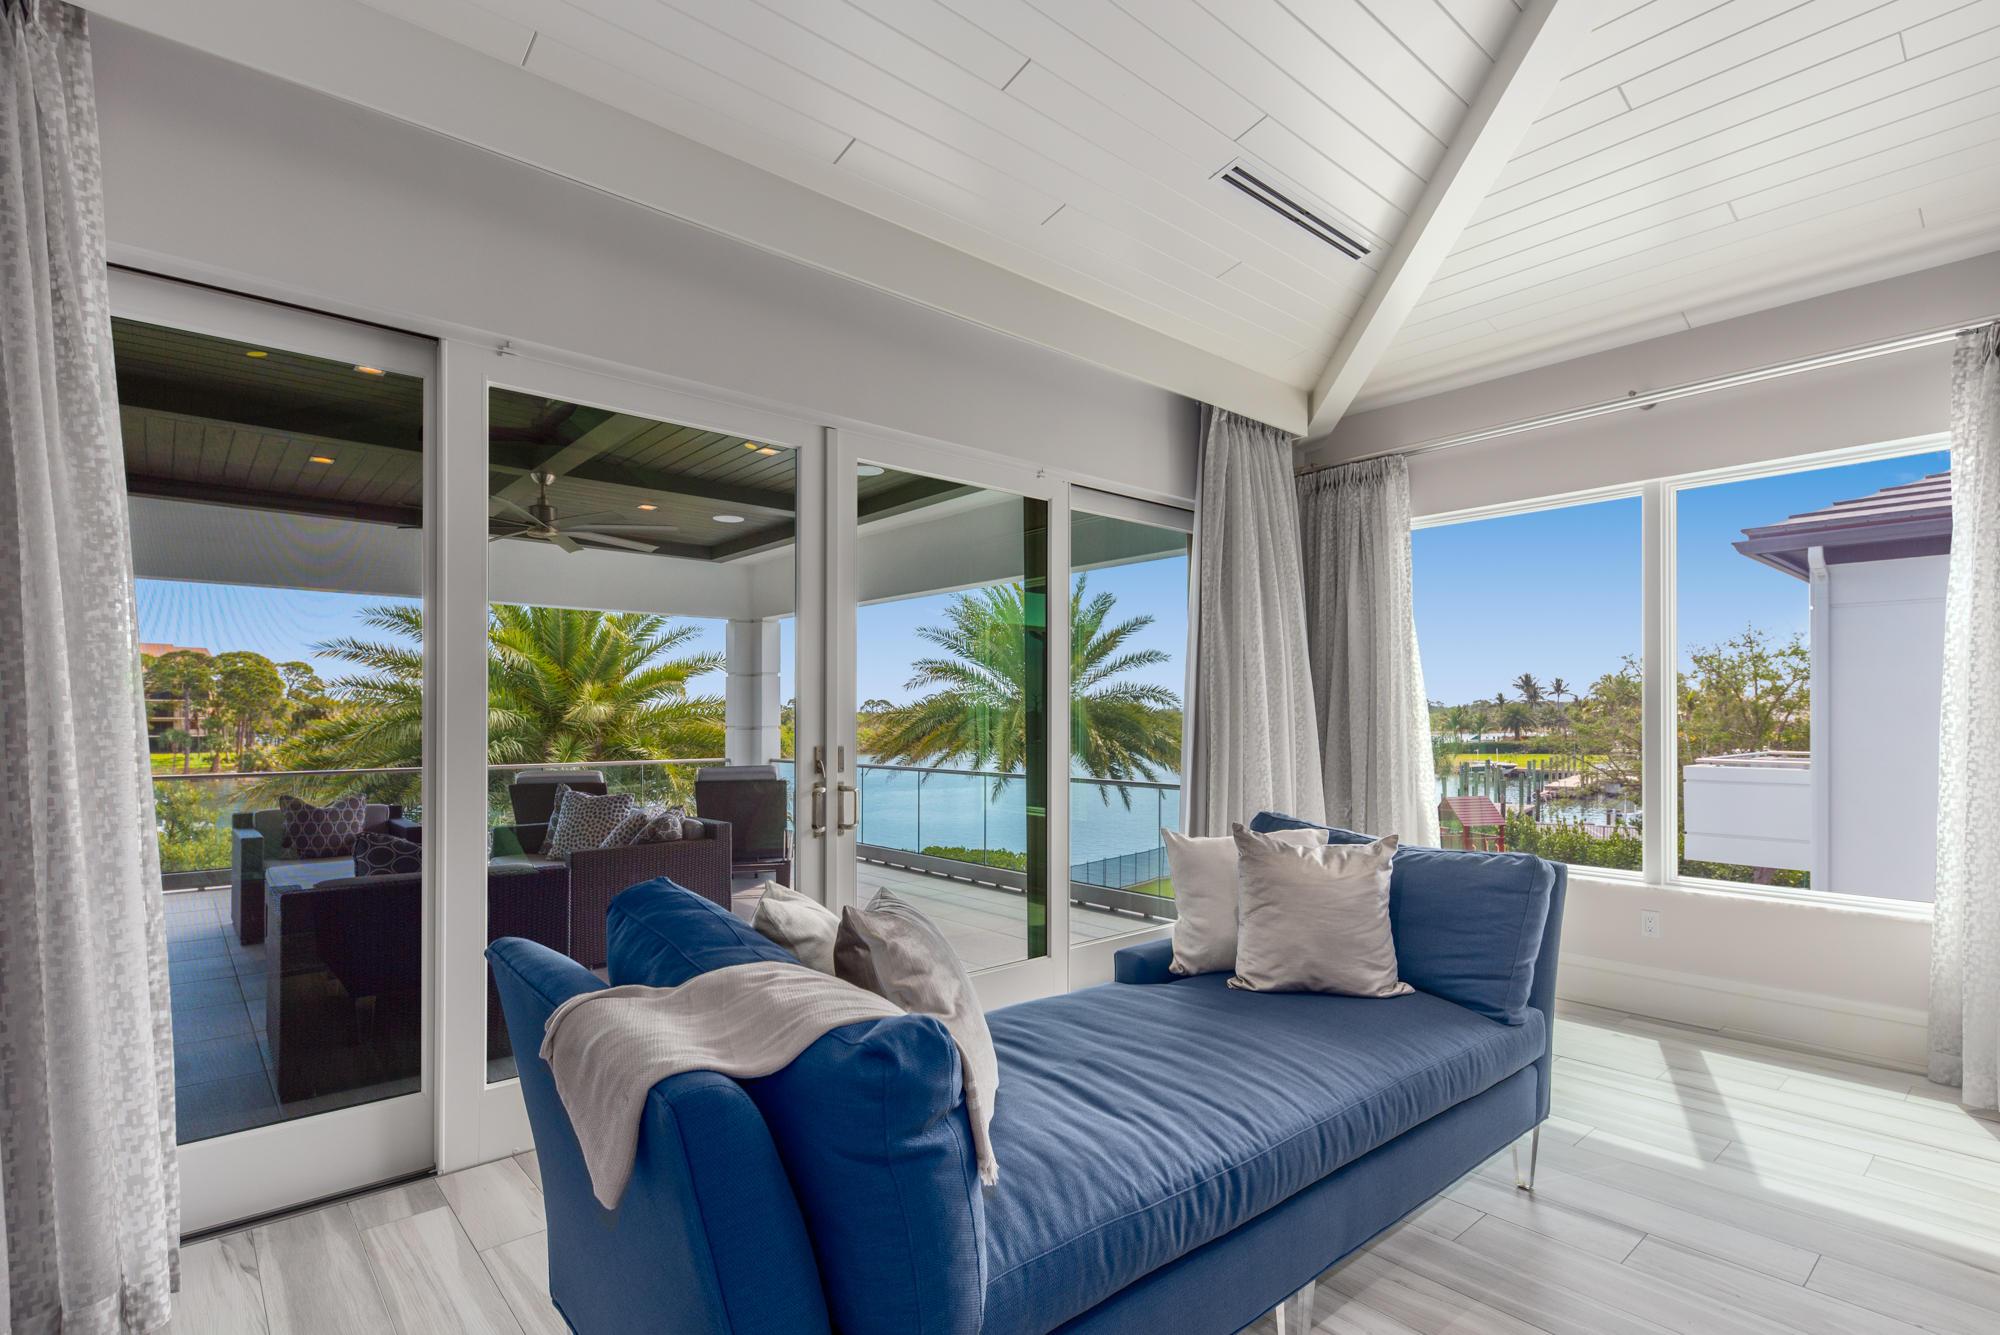 HARBOR PLACE PALM BEACH GARDENS FLORIDA